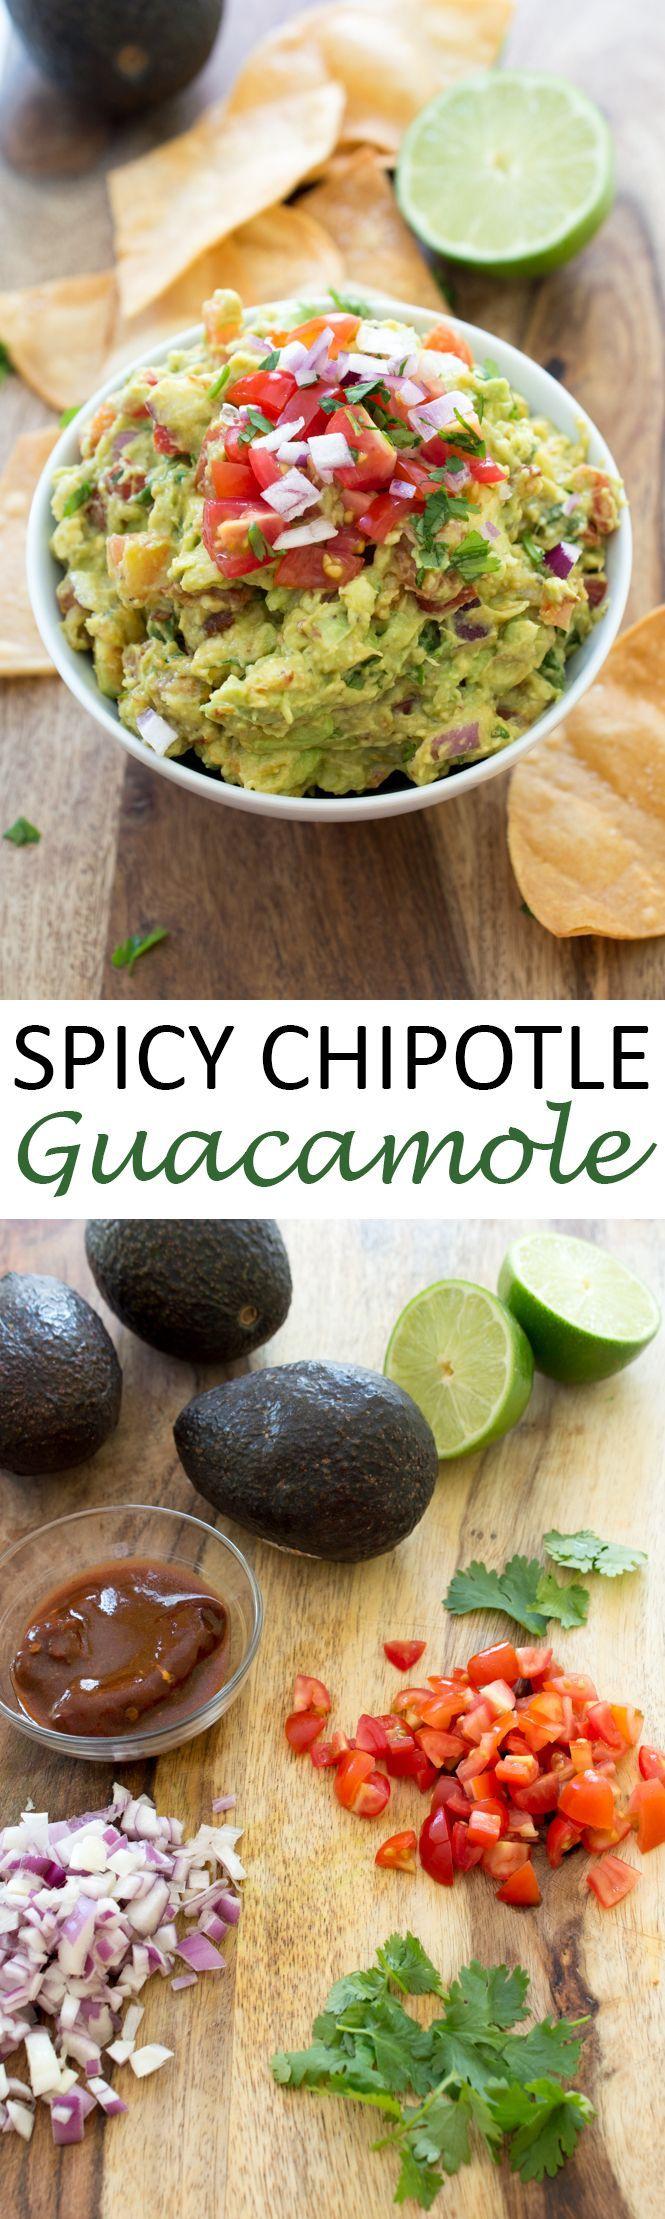 ... Guacamole Rezept auf Pinterest | Guacamole Rezept, Guacamole und